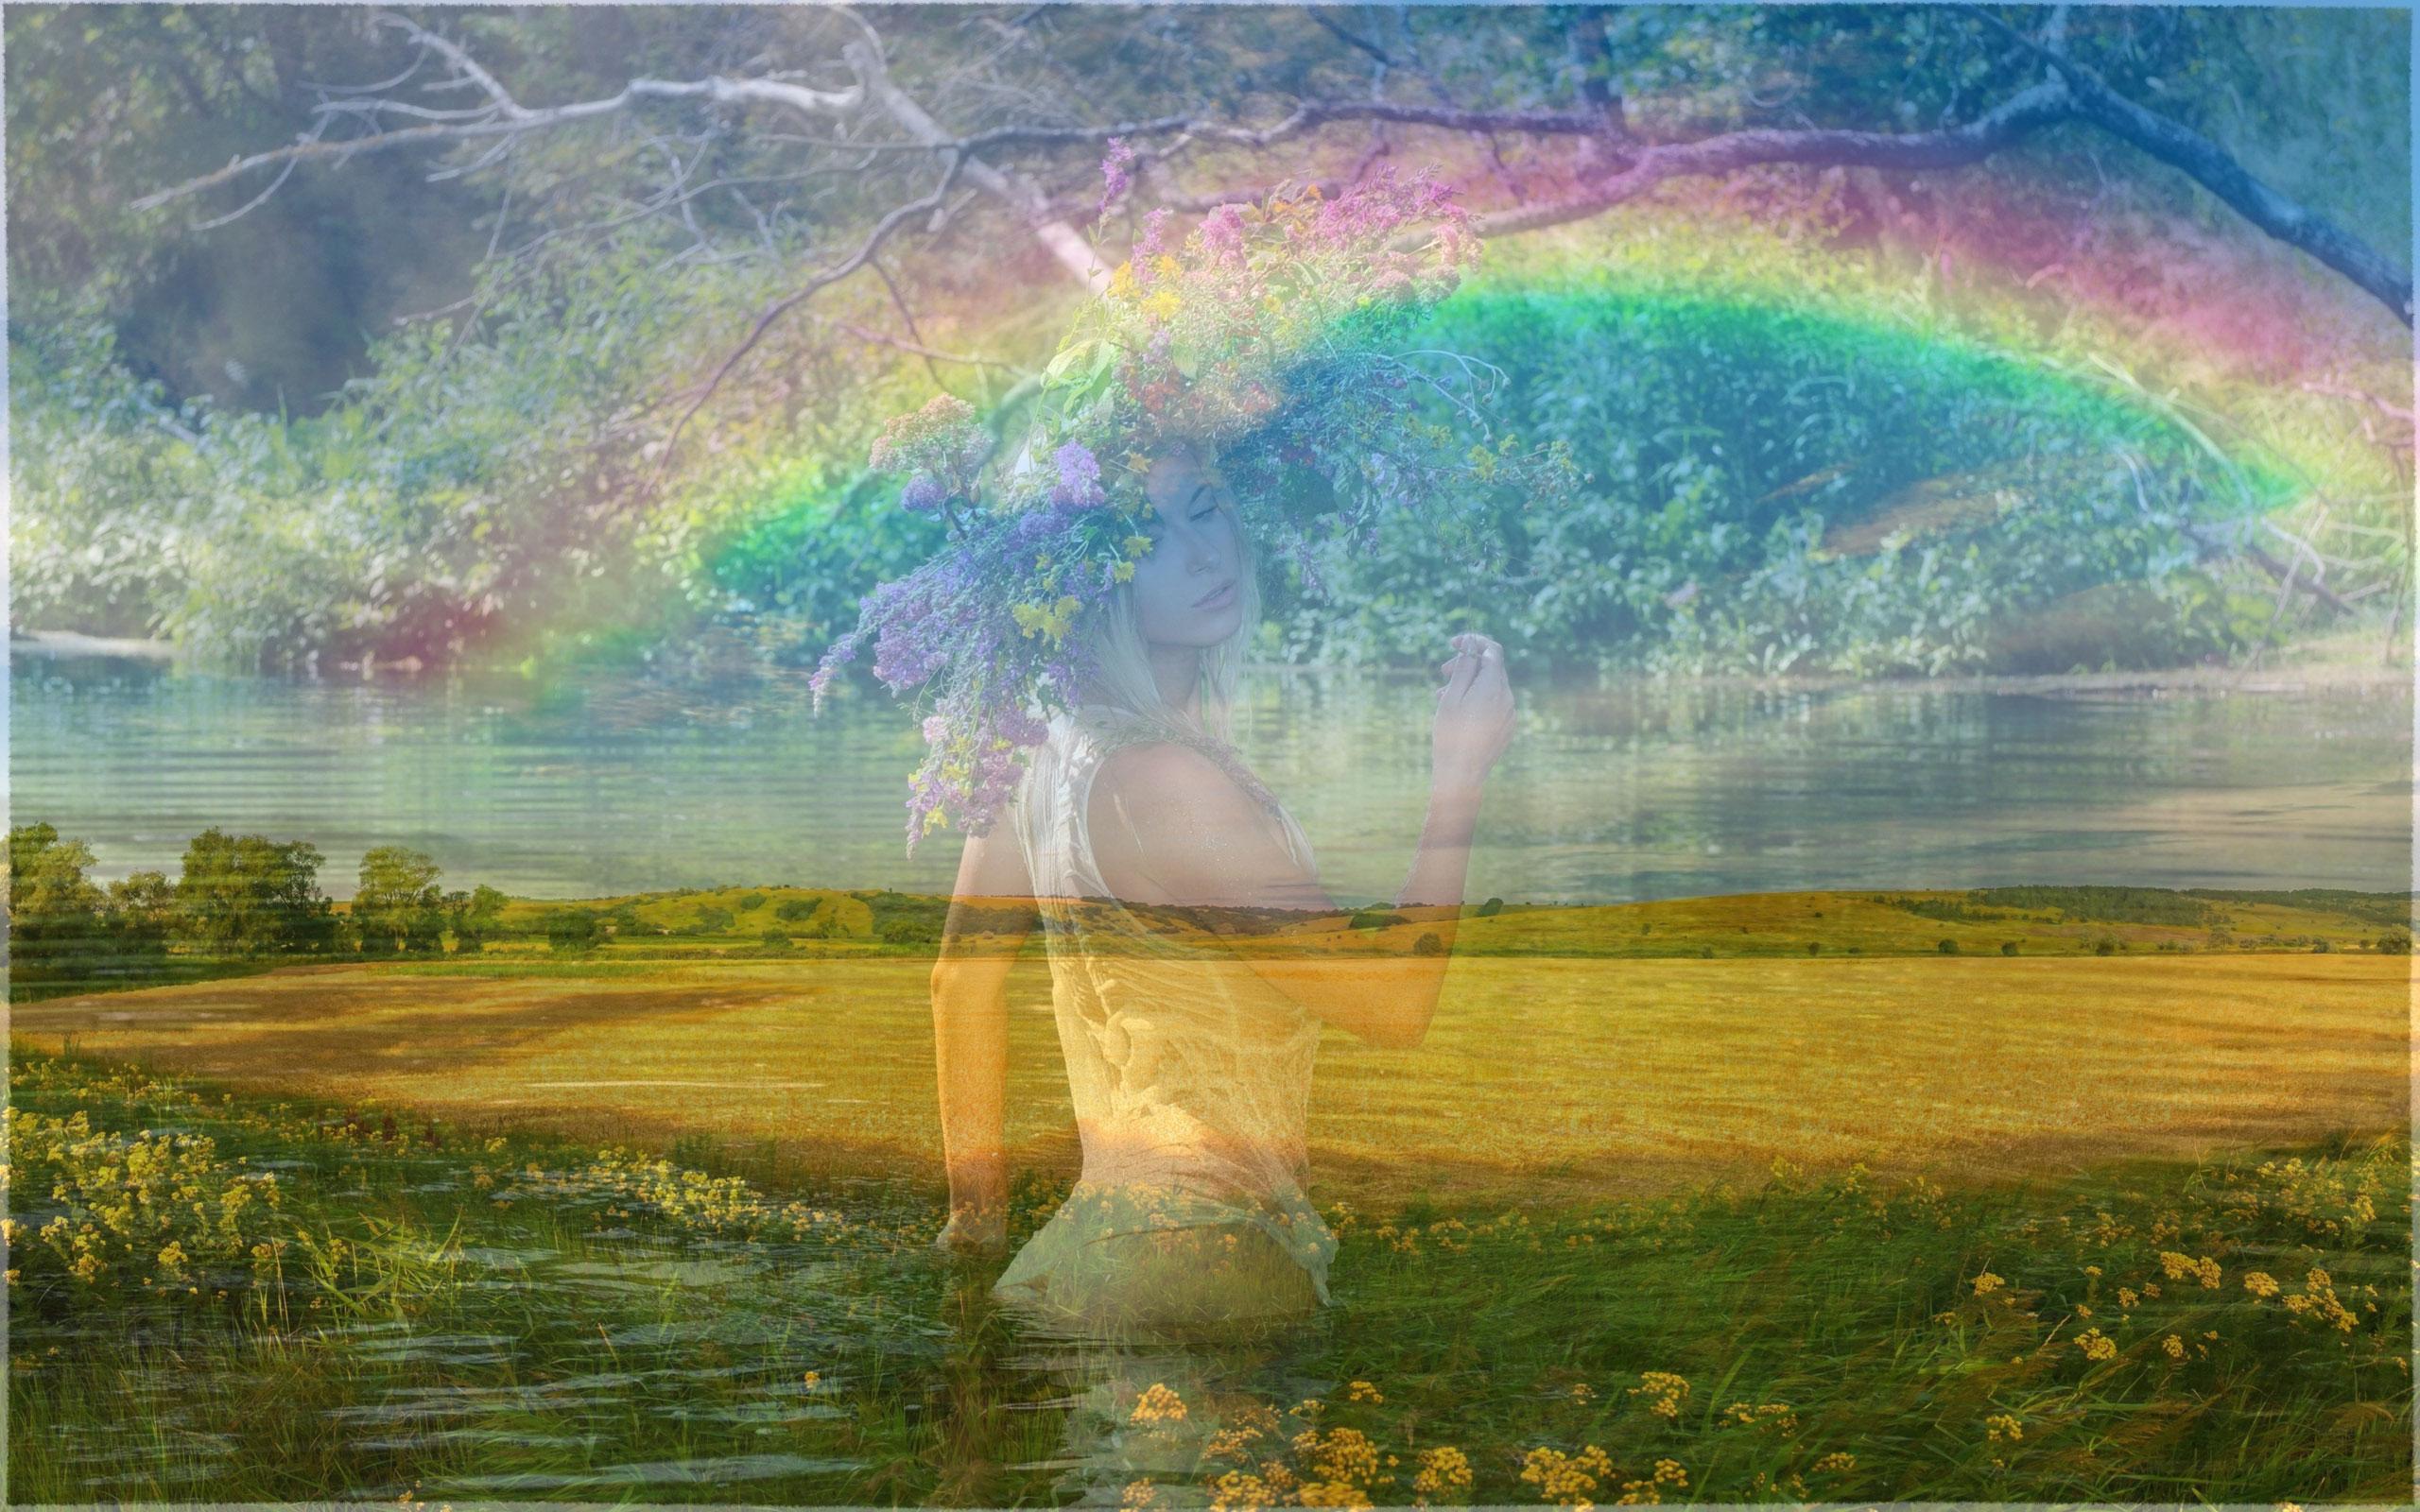 картинки двое на радуге они